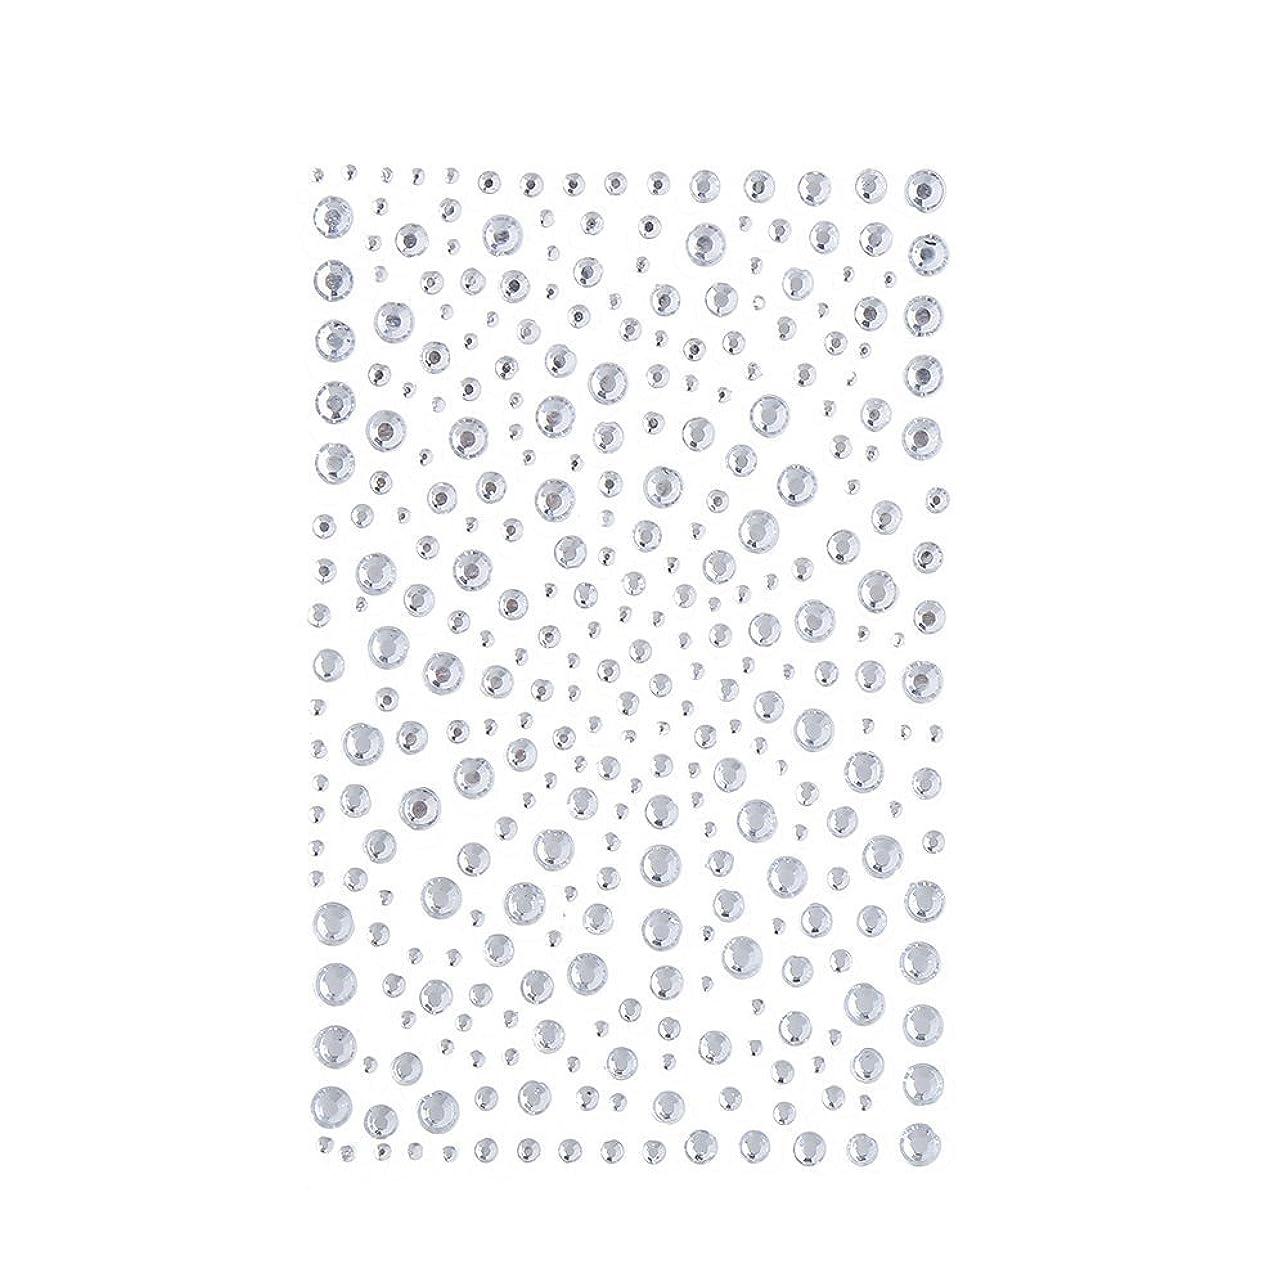 支払い侵入するラインストーン 人工ダイヤモンド スワロフスキー ホットフィックス 325粒 (白)